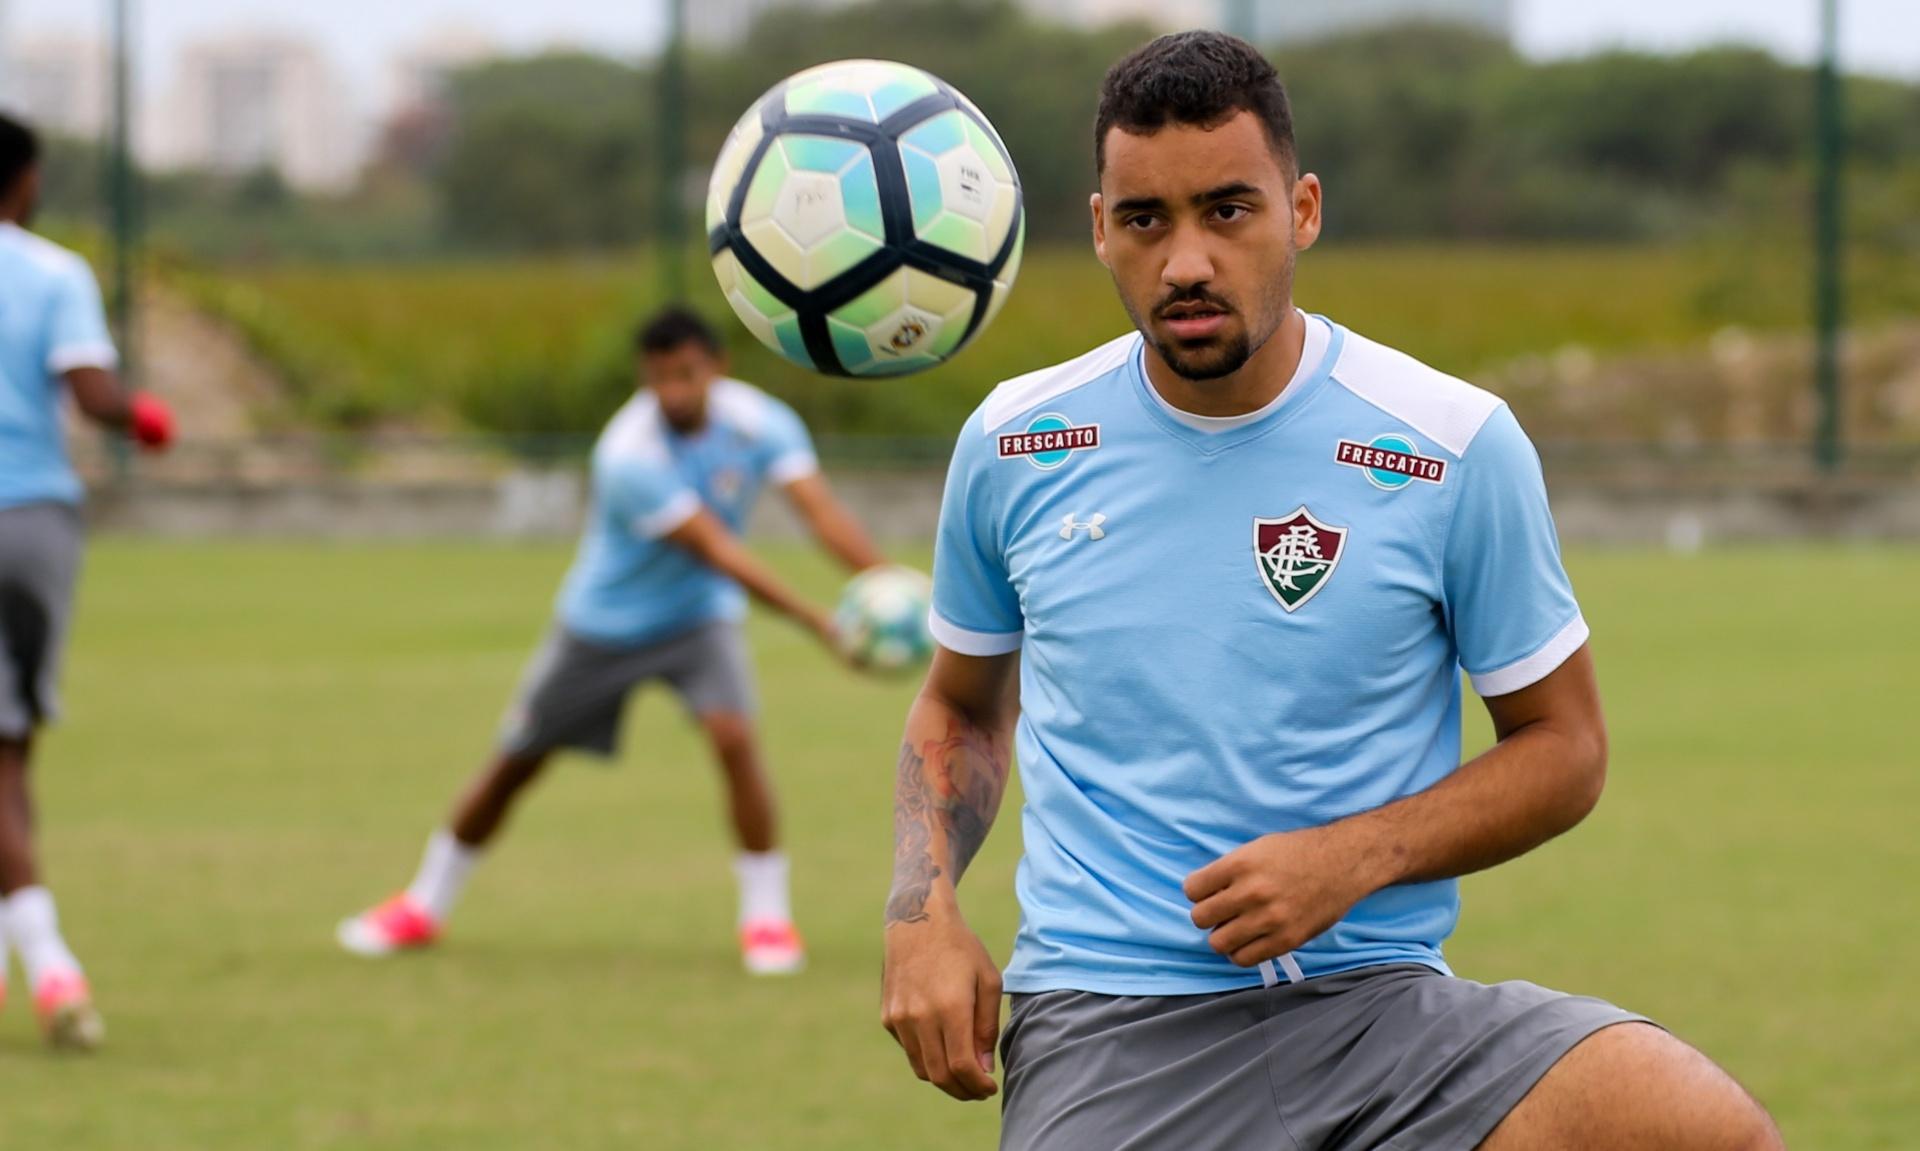 Fluminense acerta empréstimo de Robinho para o América-MG - Esporte - BOL 1a320936b099e